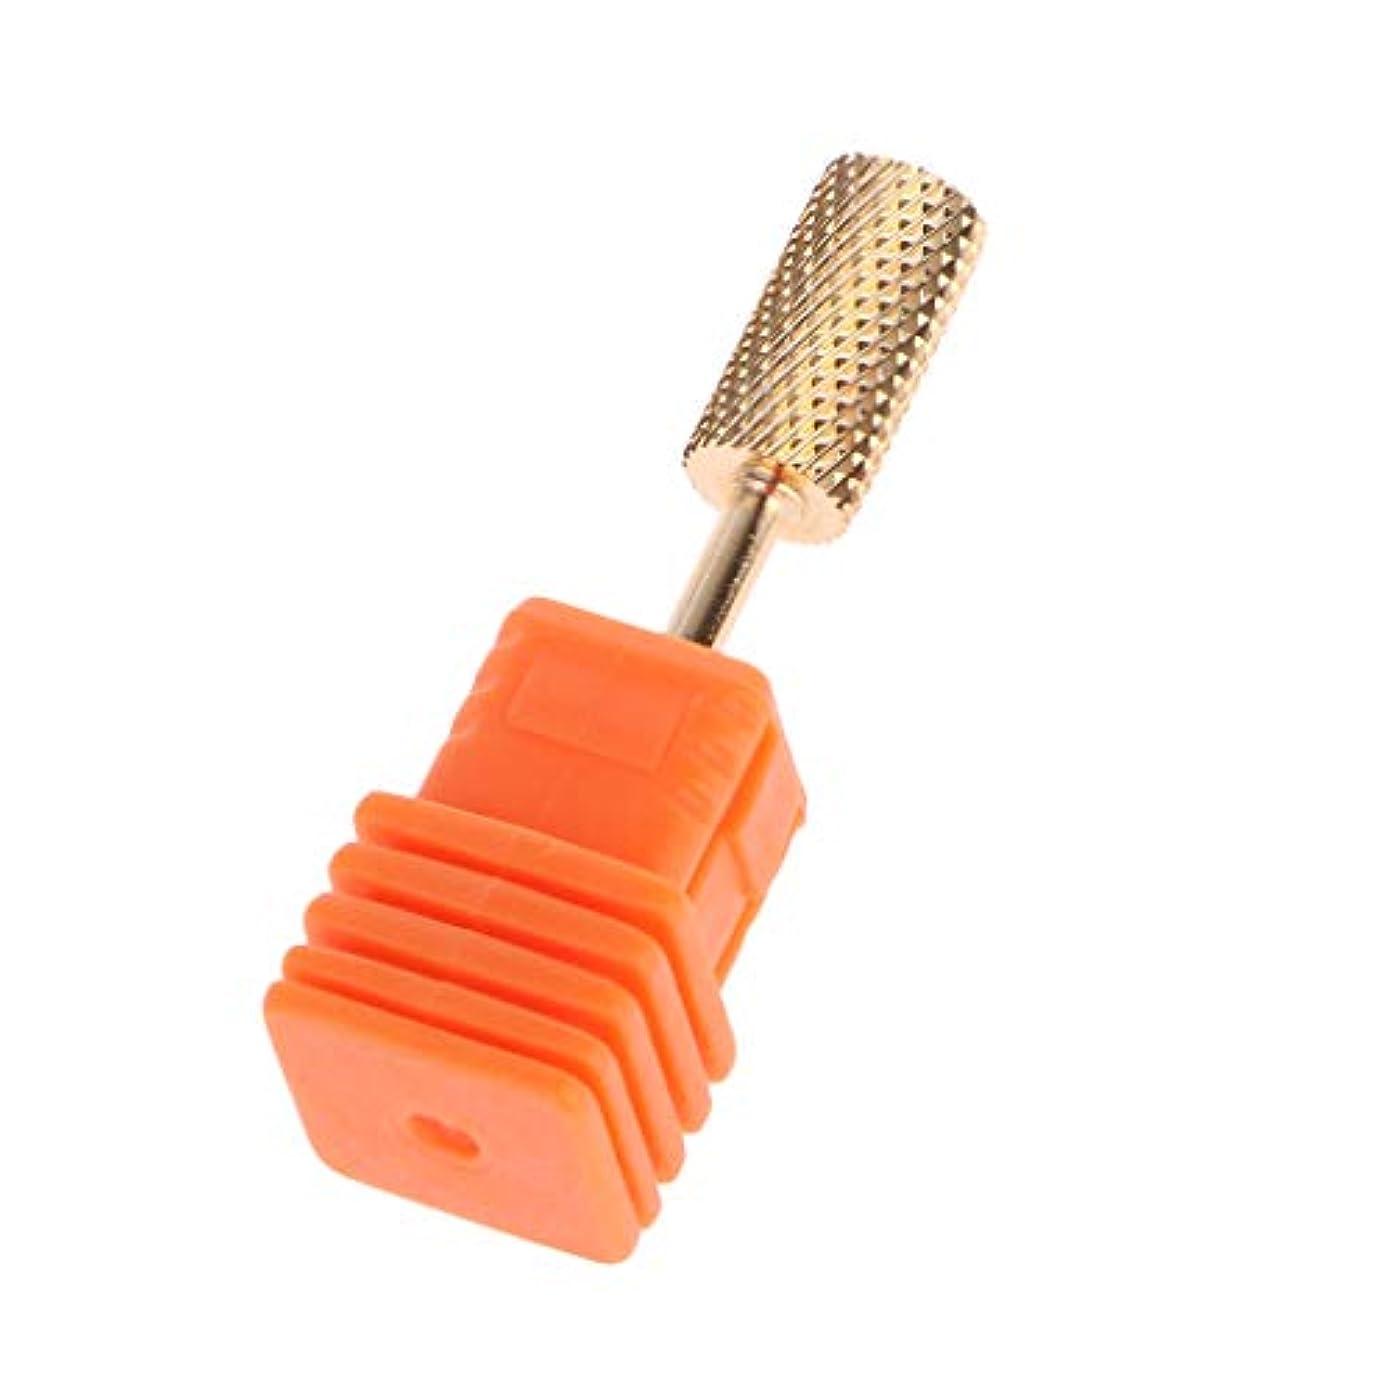 採用織る敵意ジャッキー金属合金ラウンドヘッドネイルグラインディングヘッド-ゴールドMミディアムミディアムミディアムツースカーバイドネイルドリルビットゴールドコーティングネイルアクリルゲル除去サロンツール